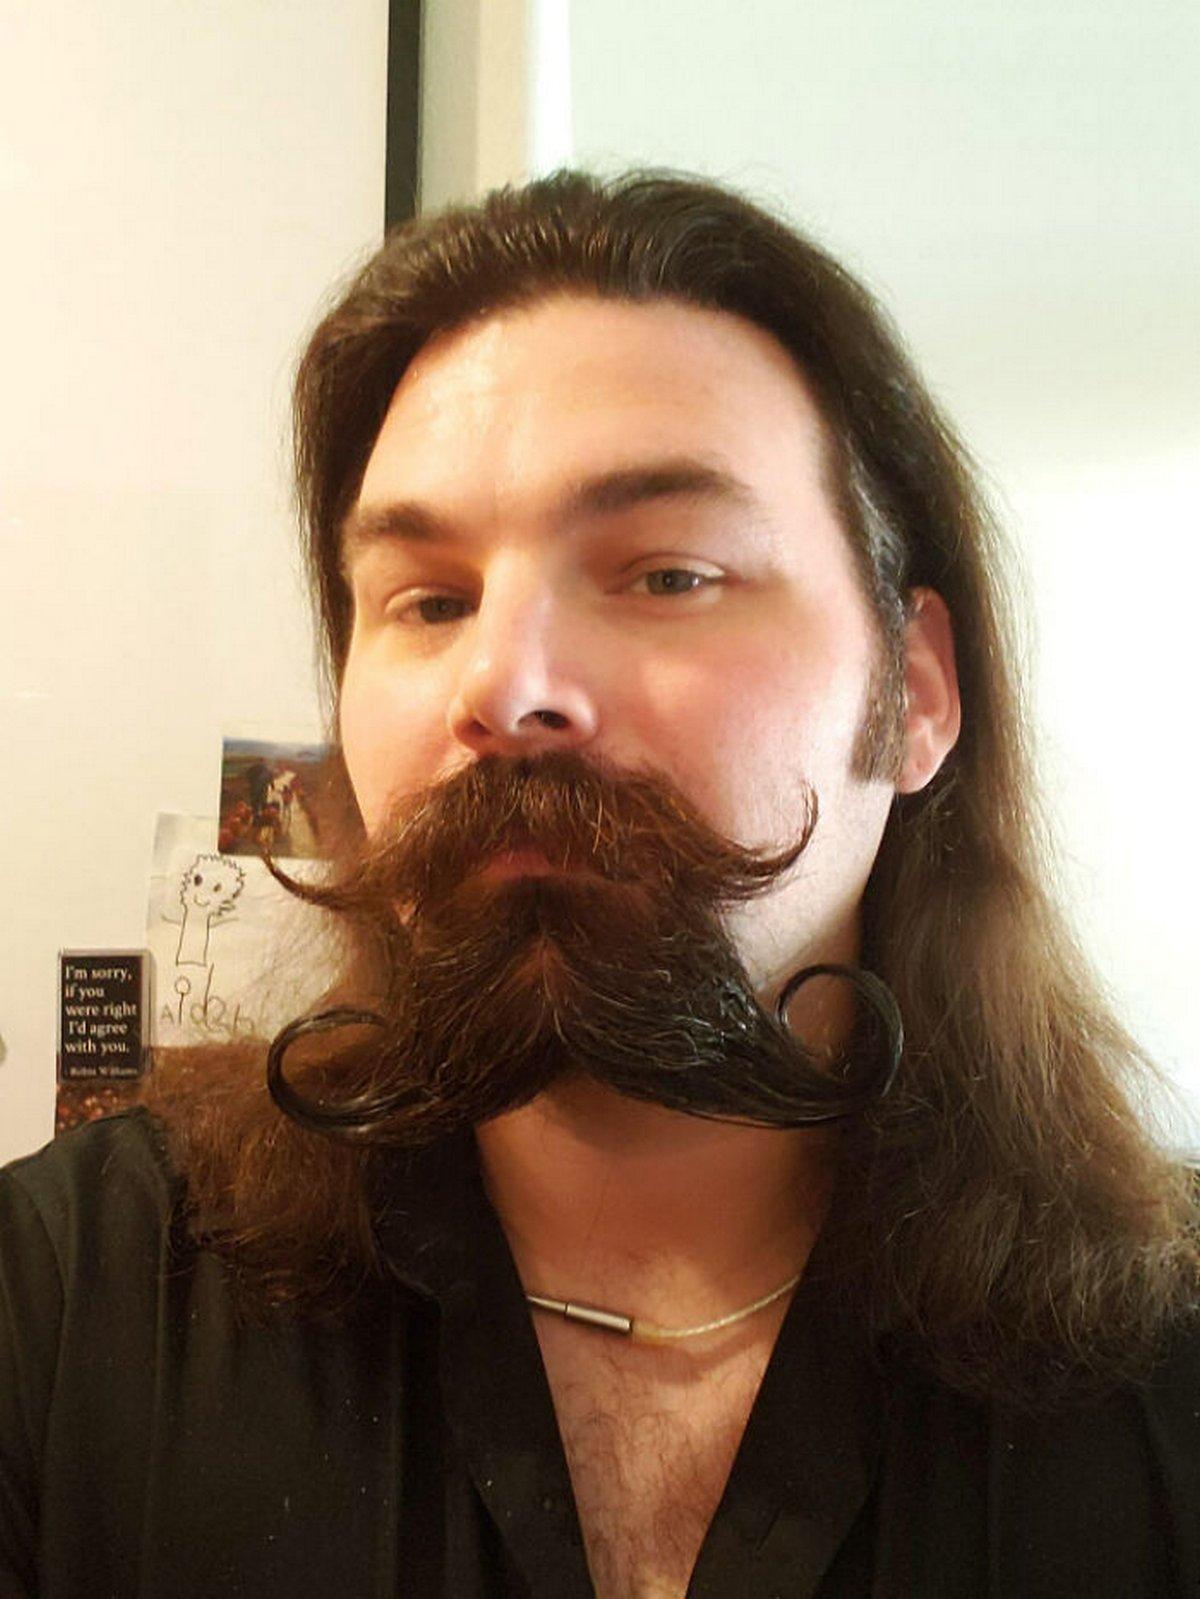 Ces hommes ont essayé la double moustache et ont obtenu des résultats ridicules